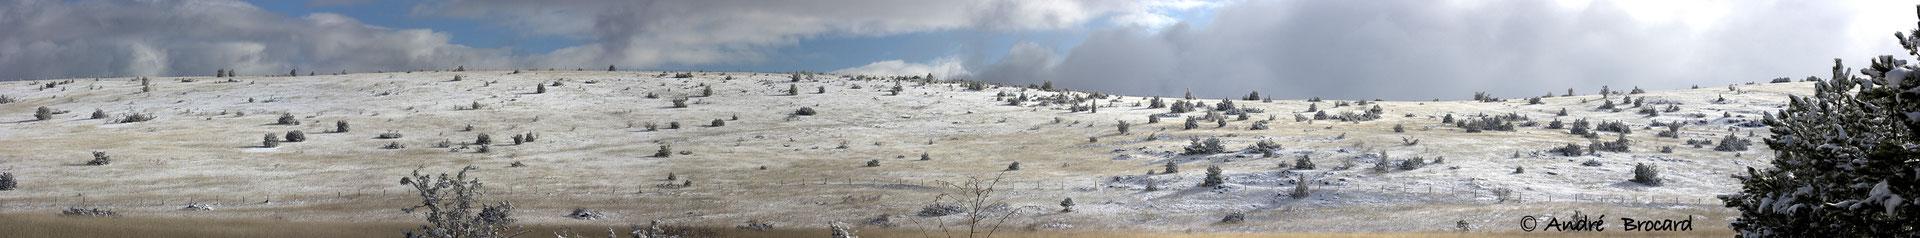 Causse de Sauveterre sous la neige 1